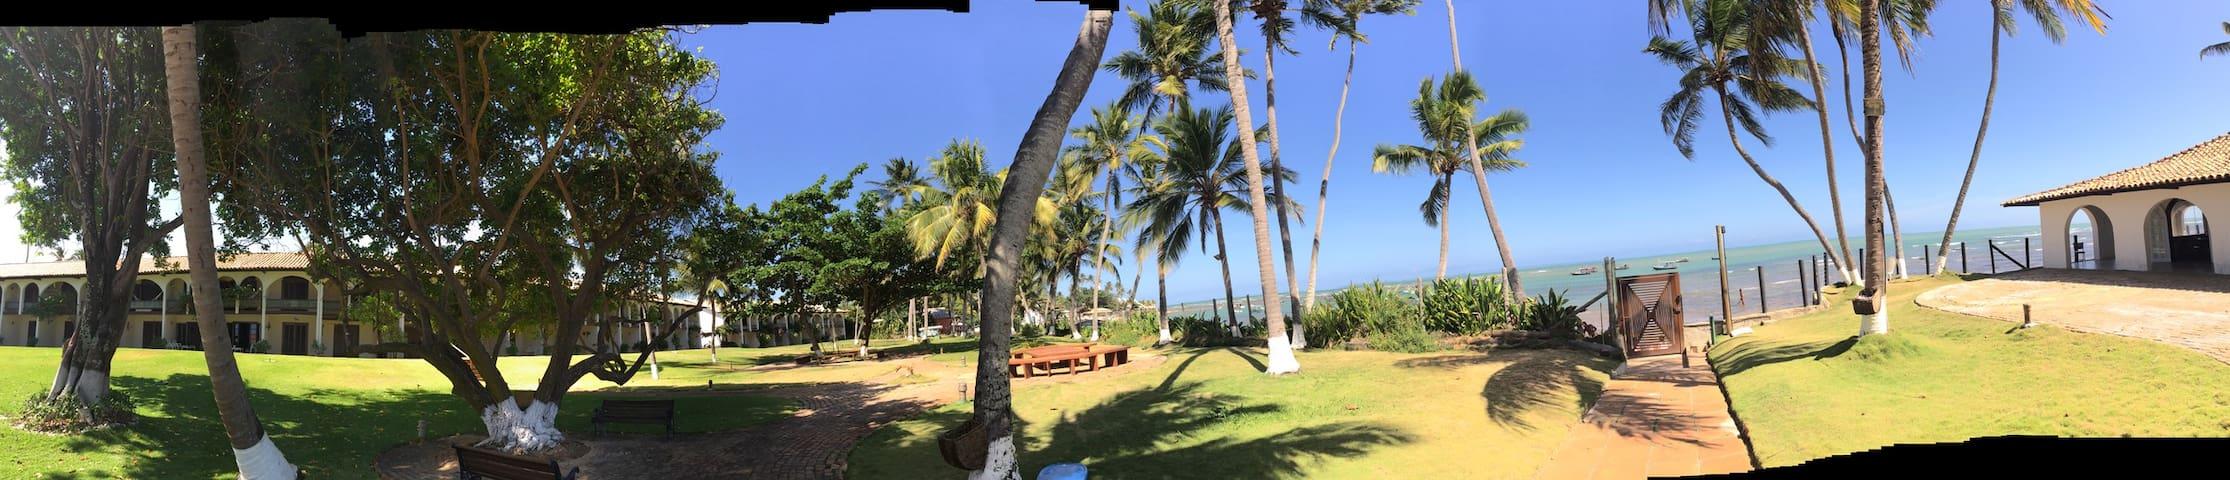 BAHIA PARADISE - PRAIA DO FORTE - Praia do Forte - House